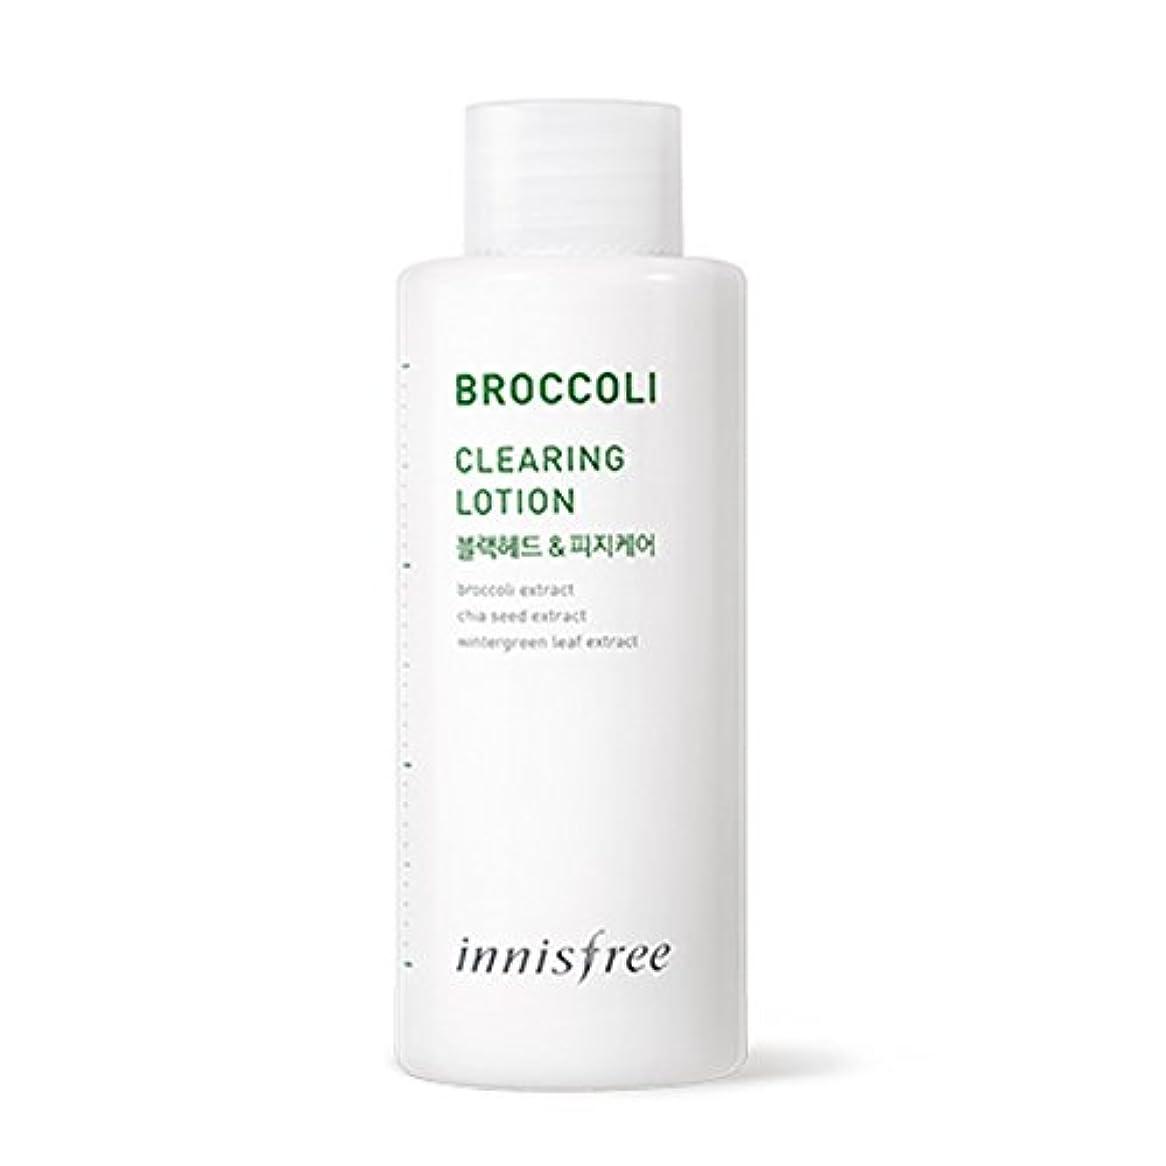 イニスフリーブロッコリークリアリングローション(エマルジョン)130ml Innisfree Broccoli Clearing Lotion(Emulsion) 130ml [海外直送品][並行輸入品]